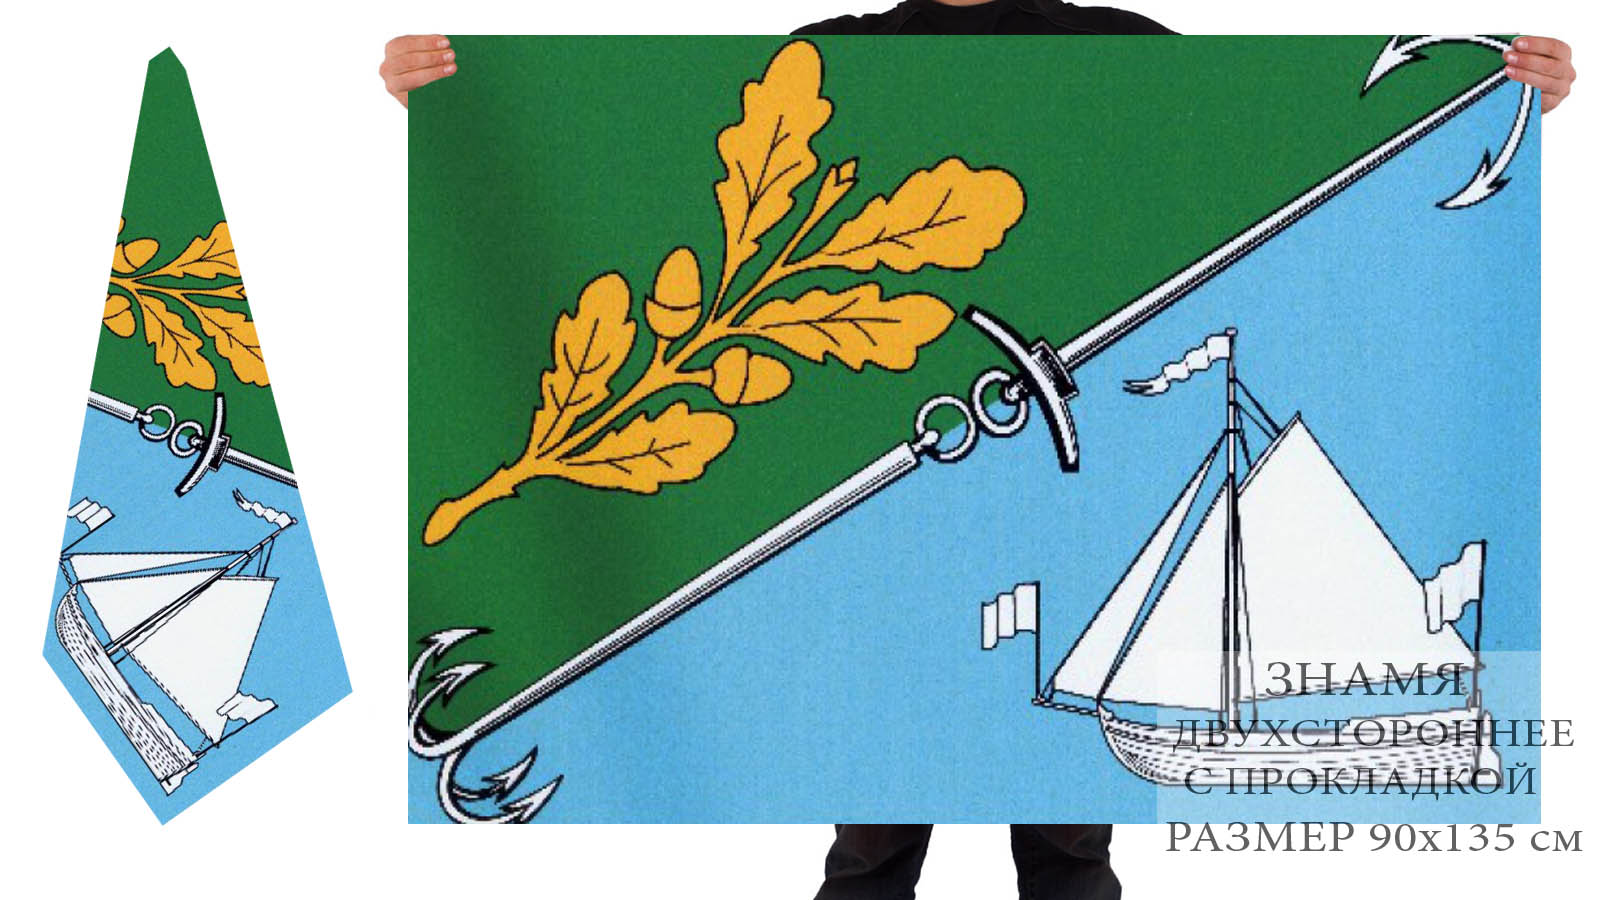 Двусторонний флаг муниципального образования муниципальный округ Южно-Приморский